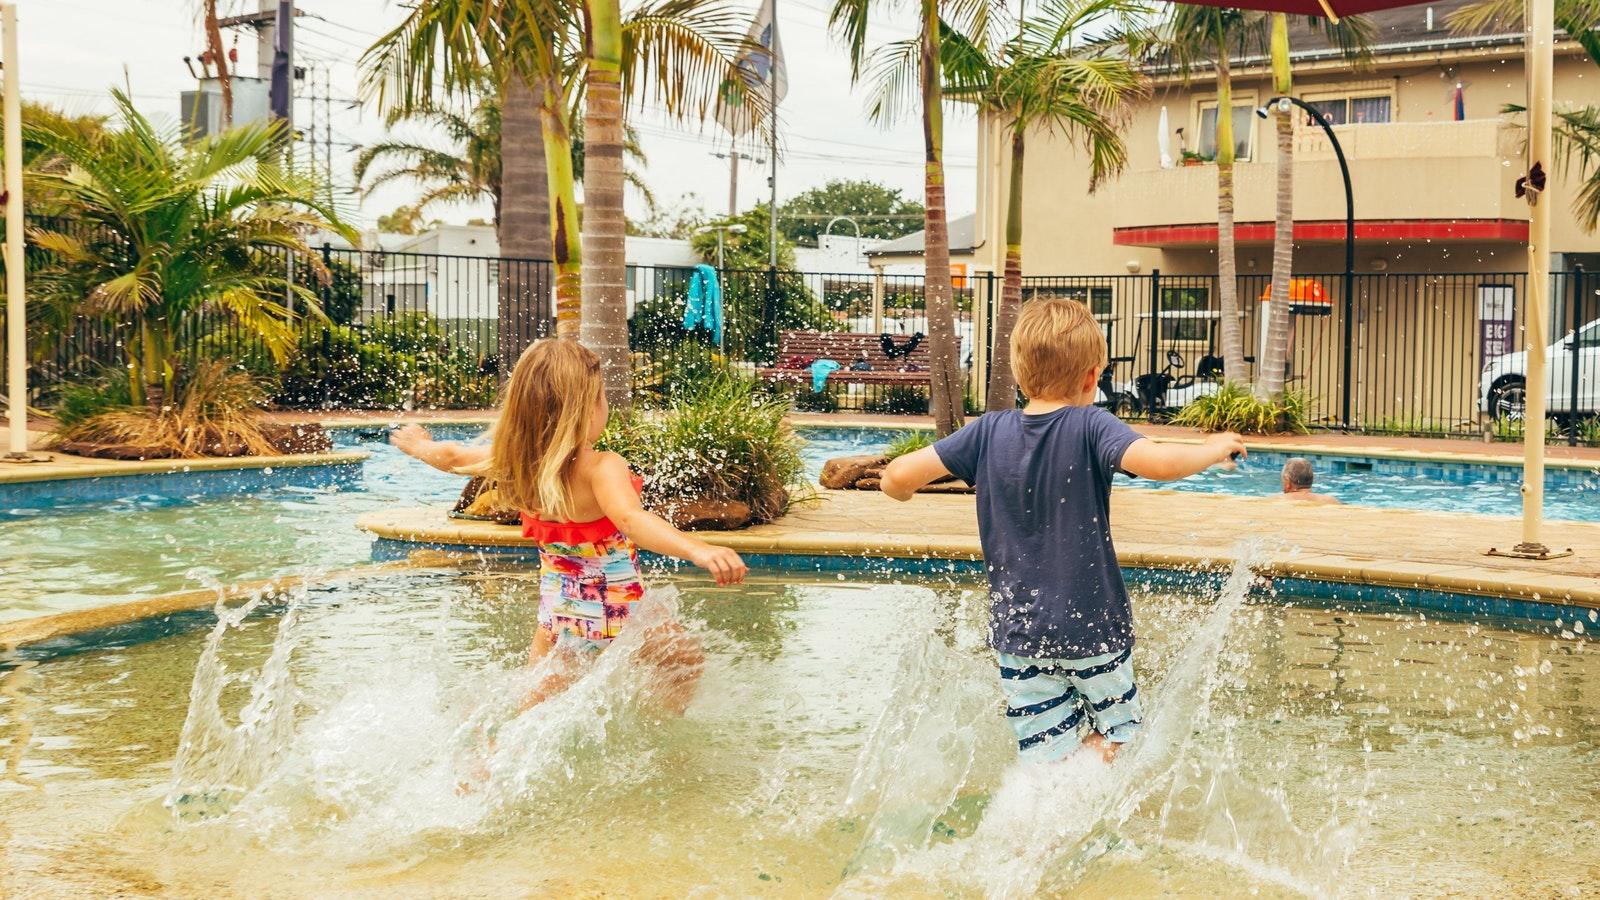 Swimming Pool at Melbourne BIG4 caravan park